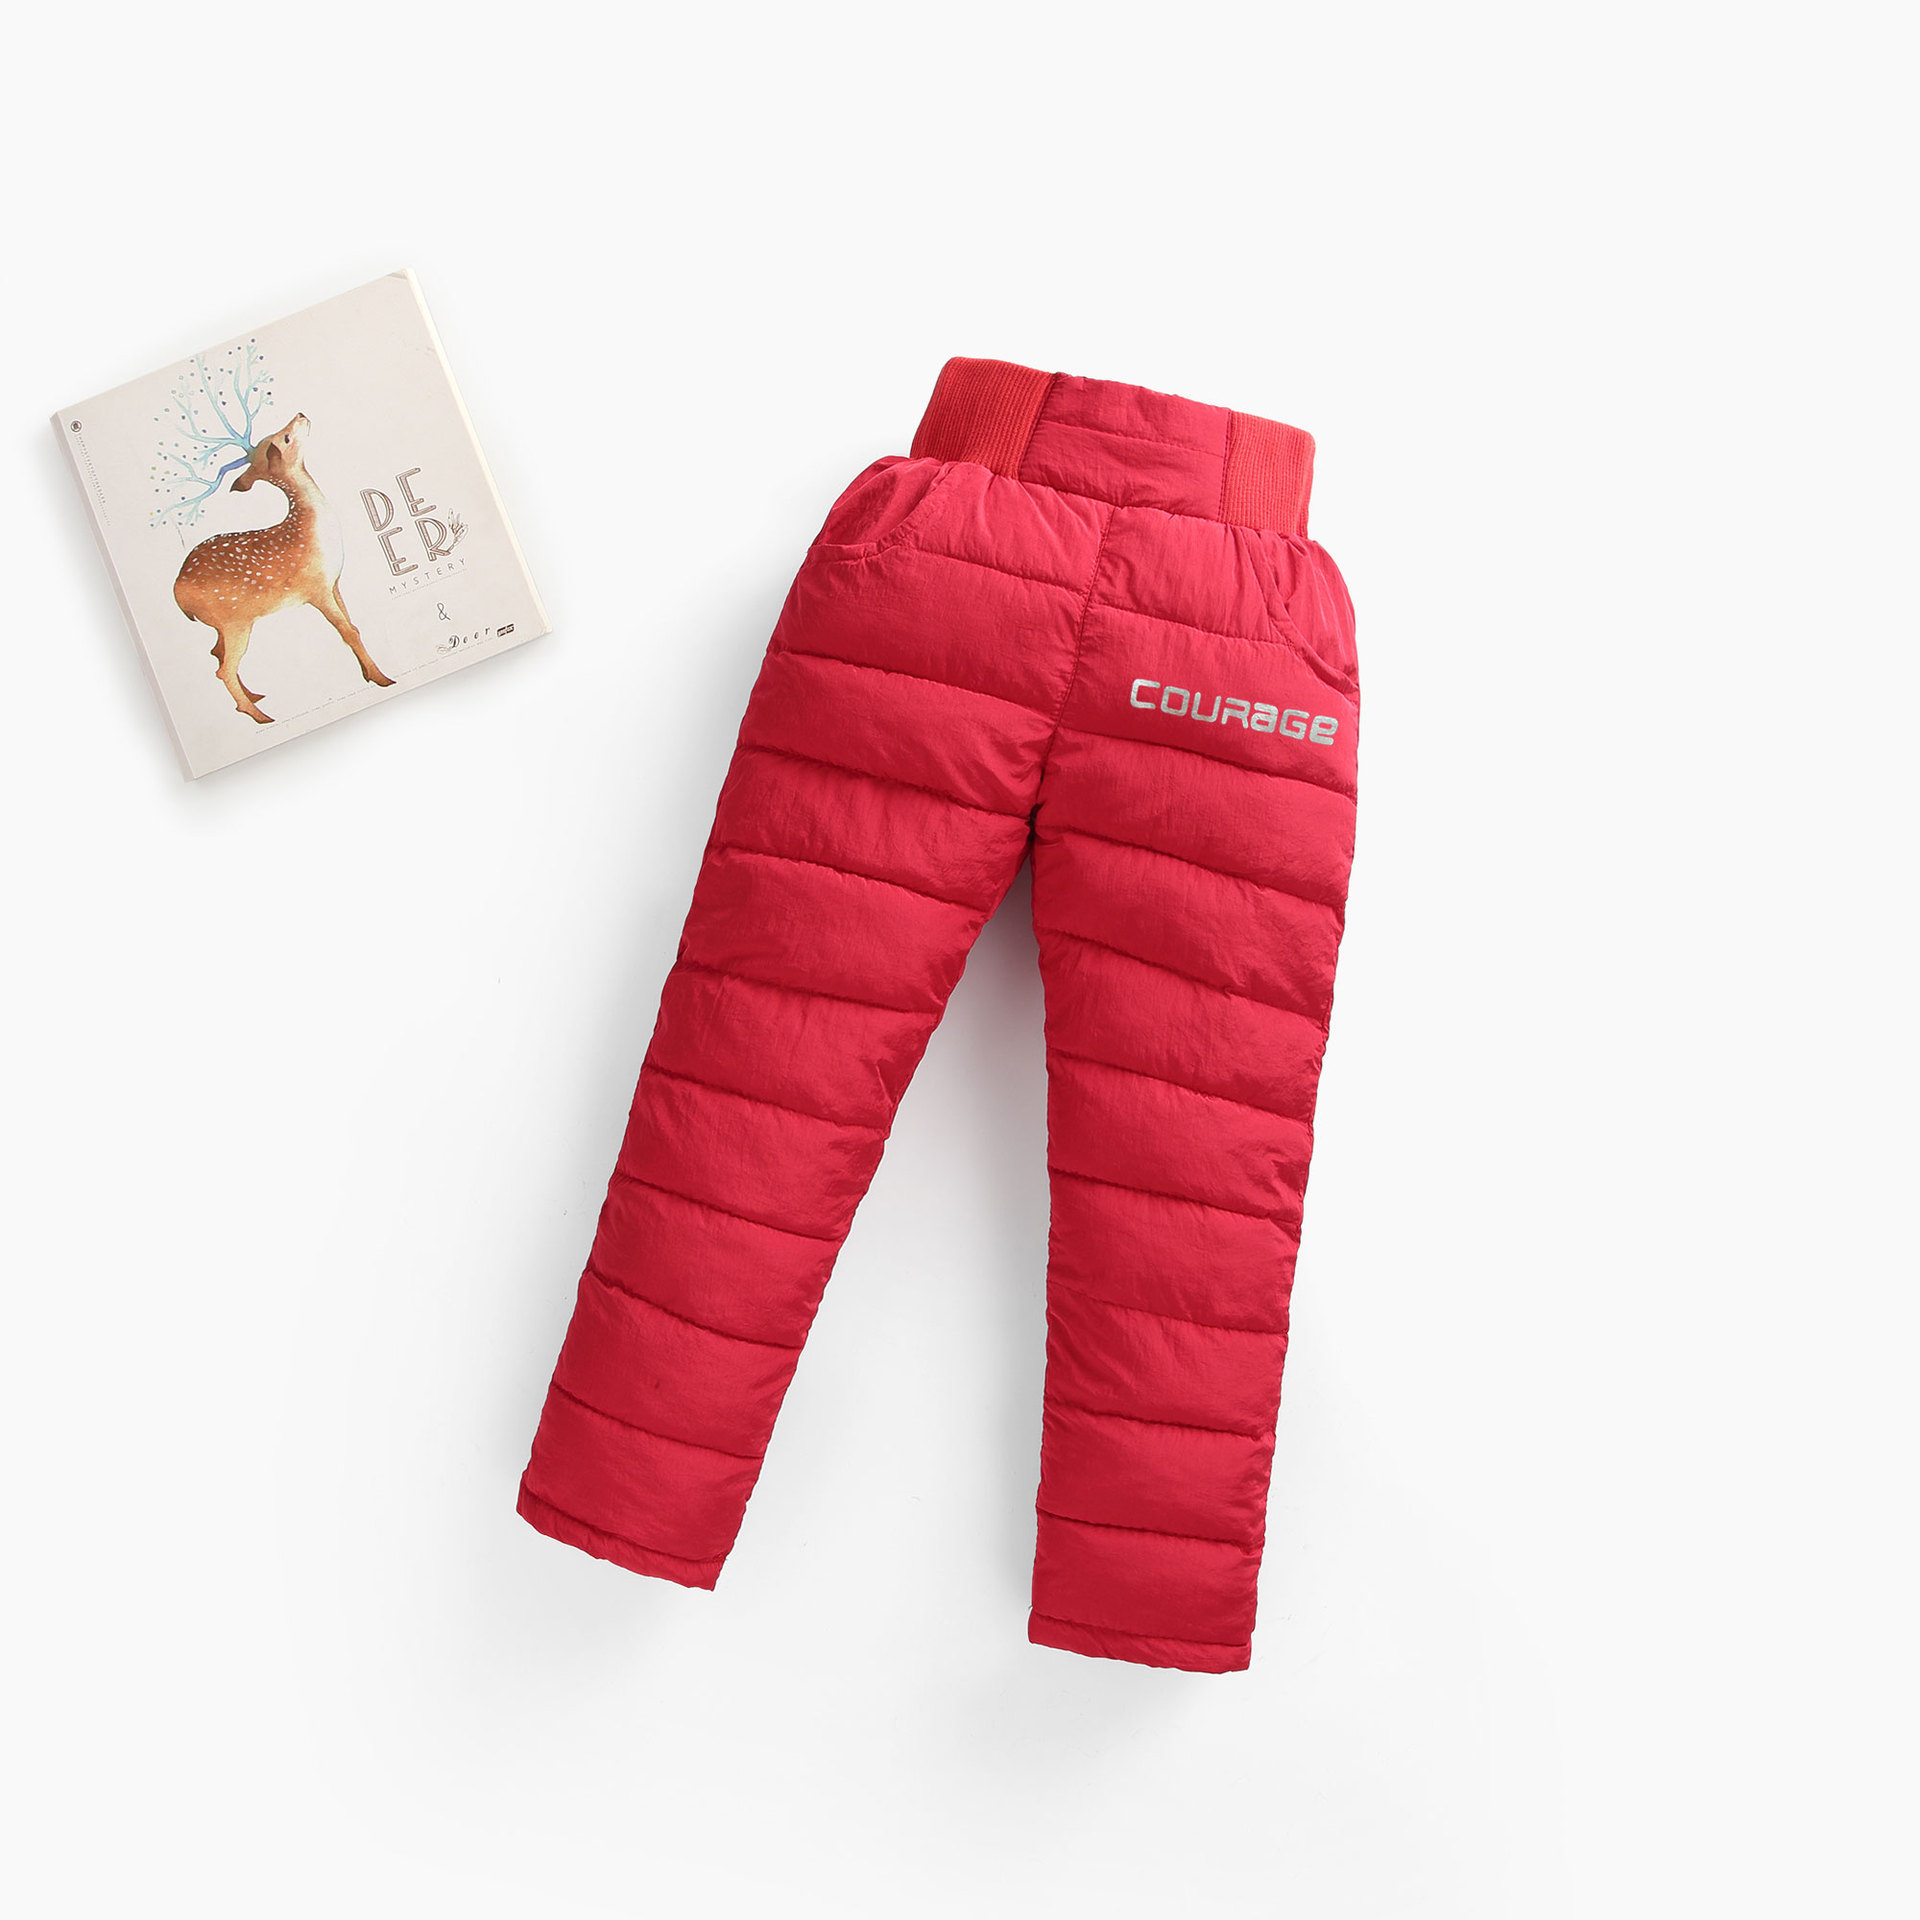 男童女童棉裤冬加绒加厚中大童宝宝羽绒棉裤外穿小孩高腰保暖长裤